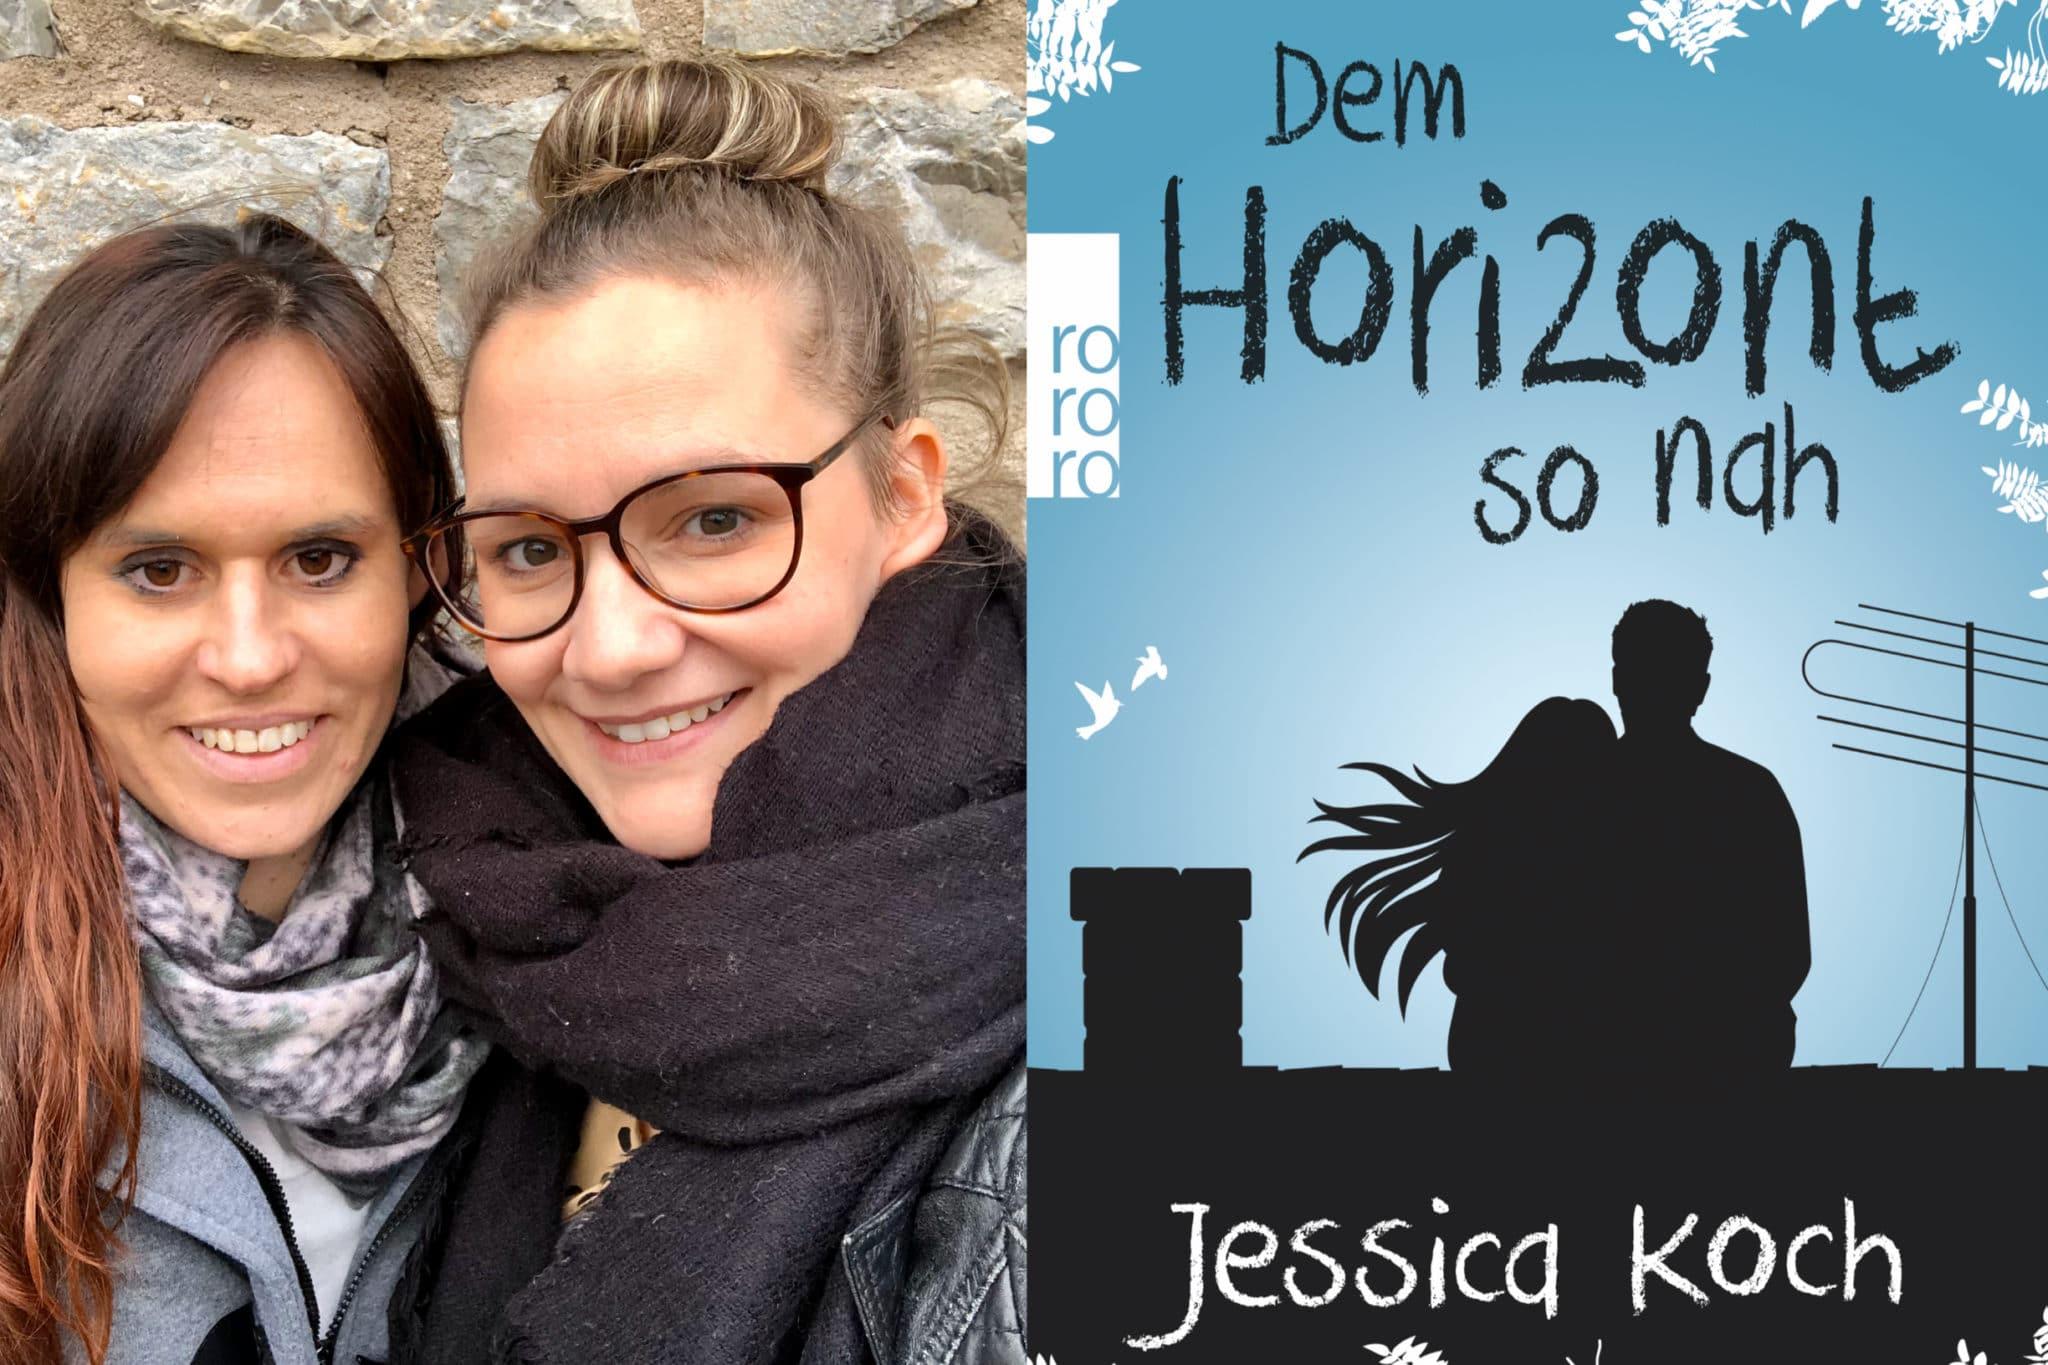 Interview Aufmacher Jessica Koch - Dem Horizont so nah